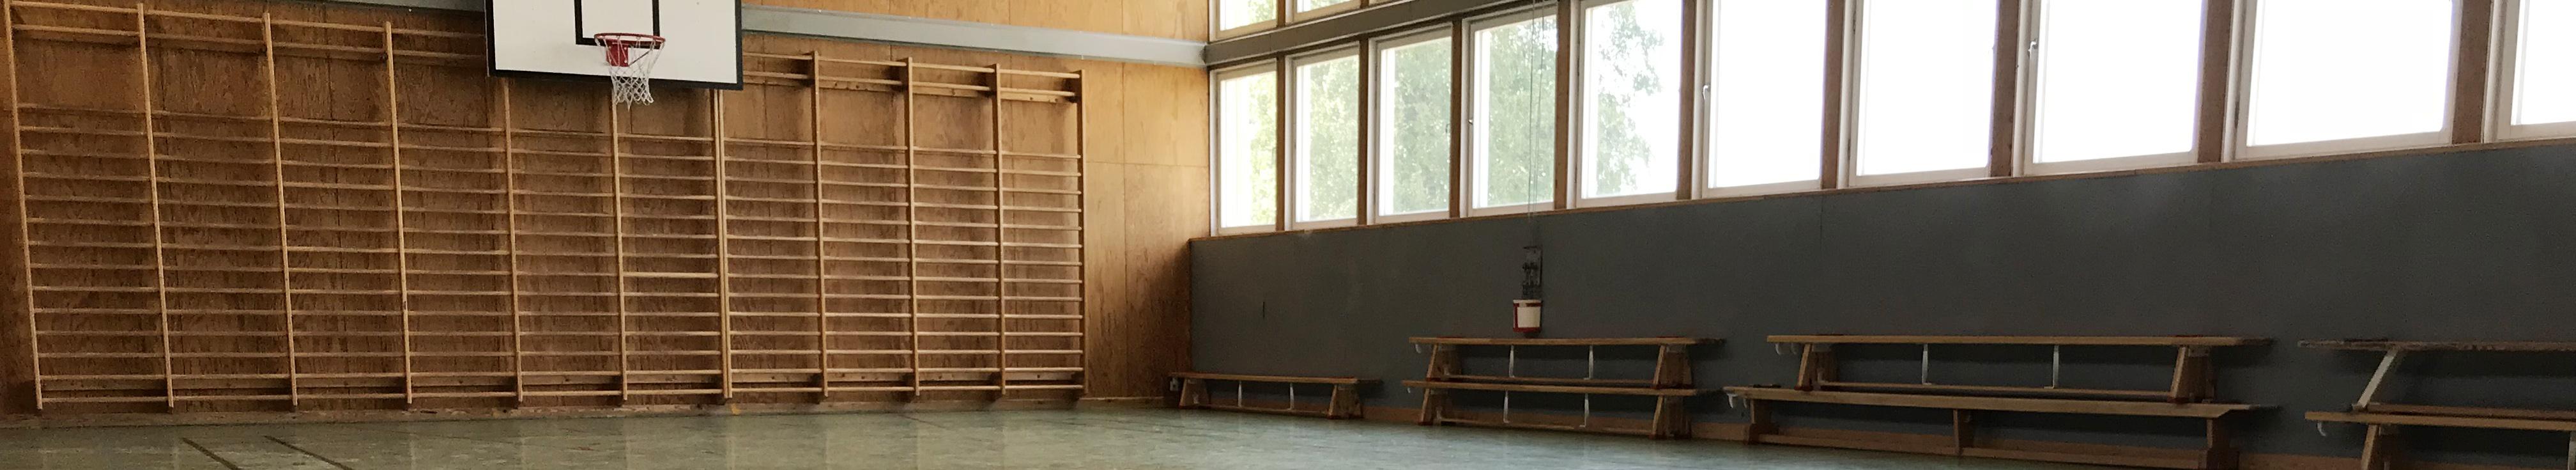 Ilsbo skola